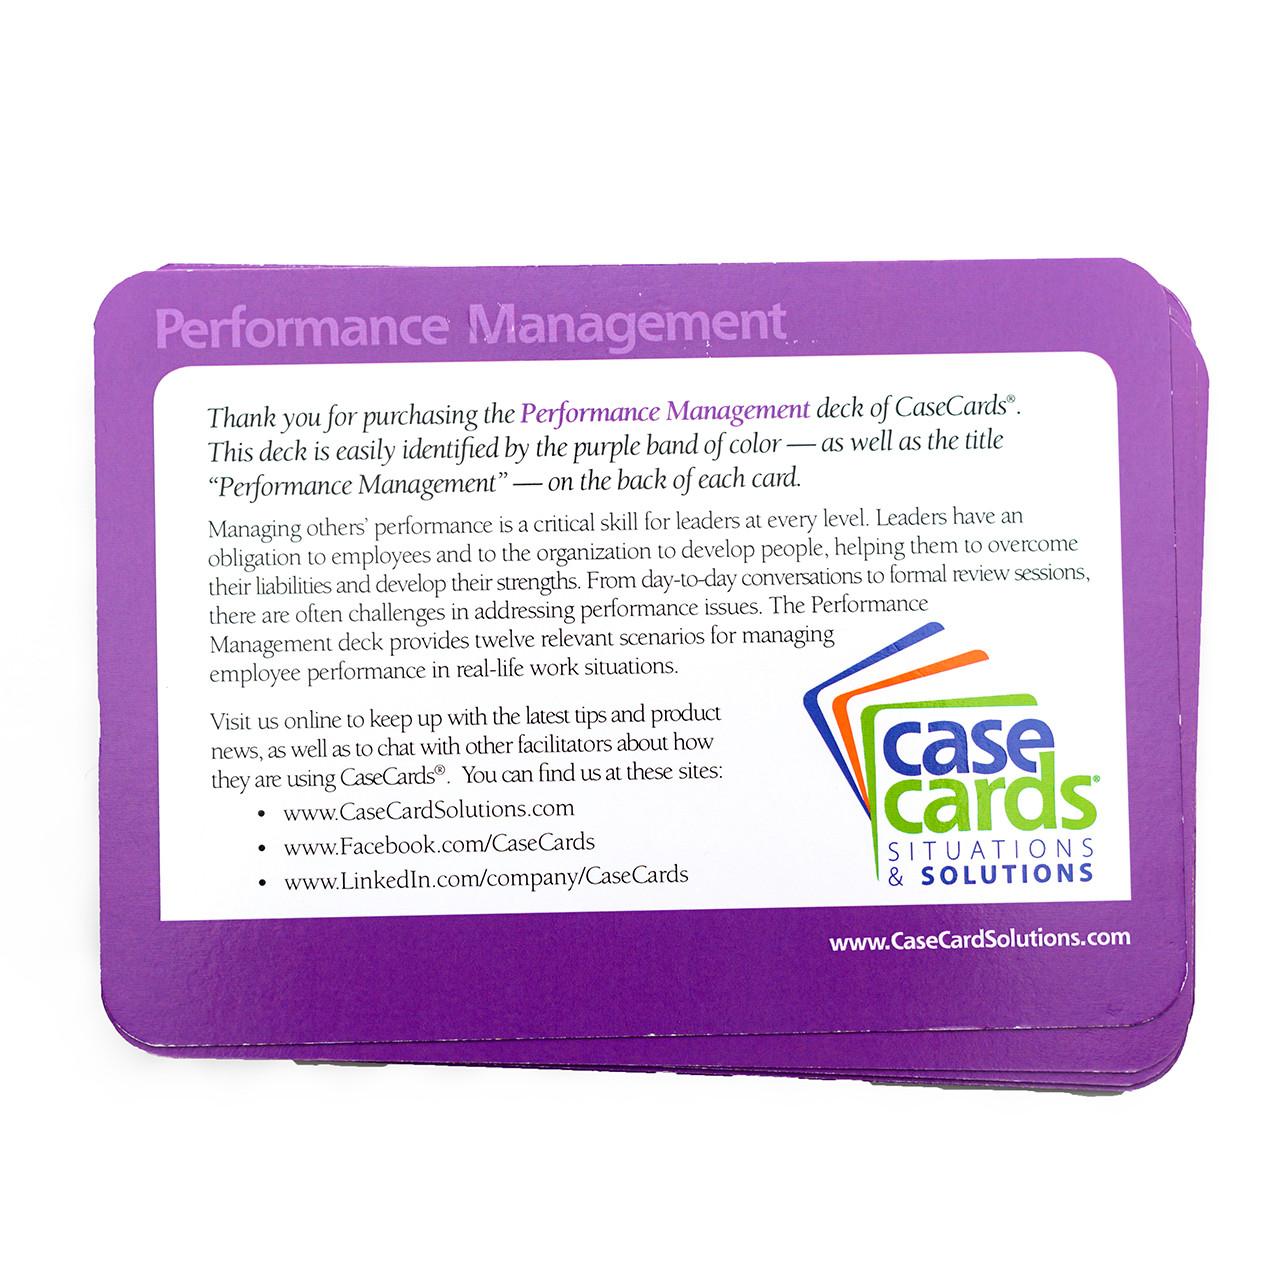 CaseCards - Performance Management Back